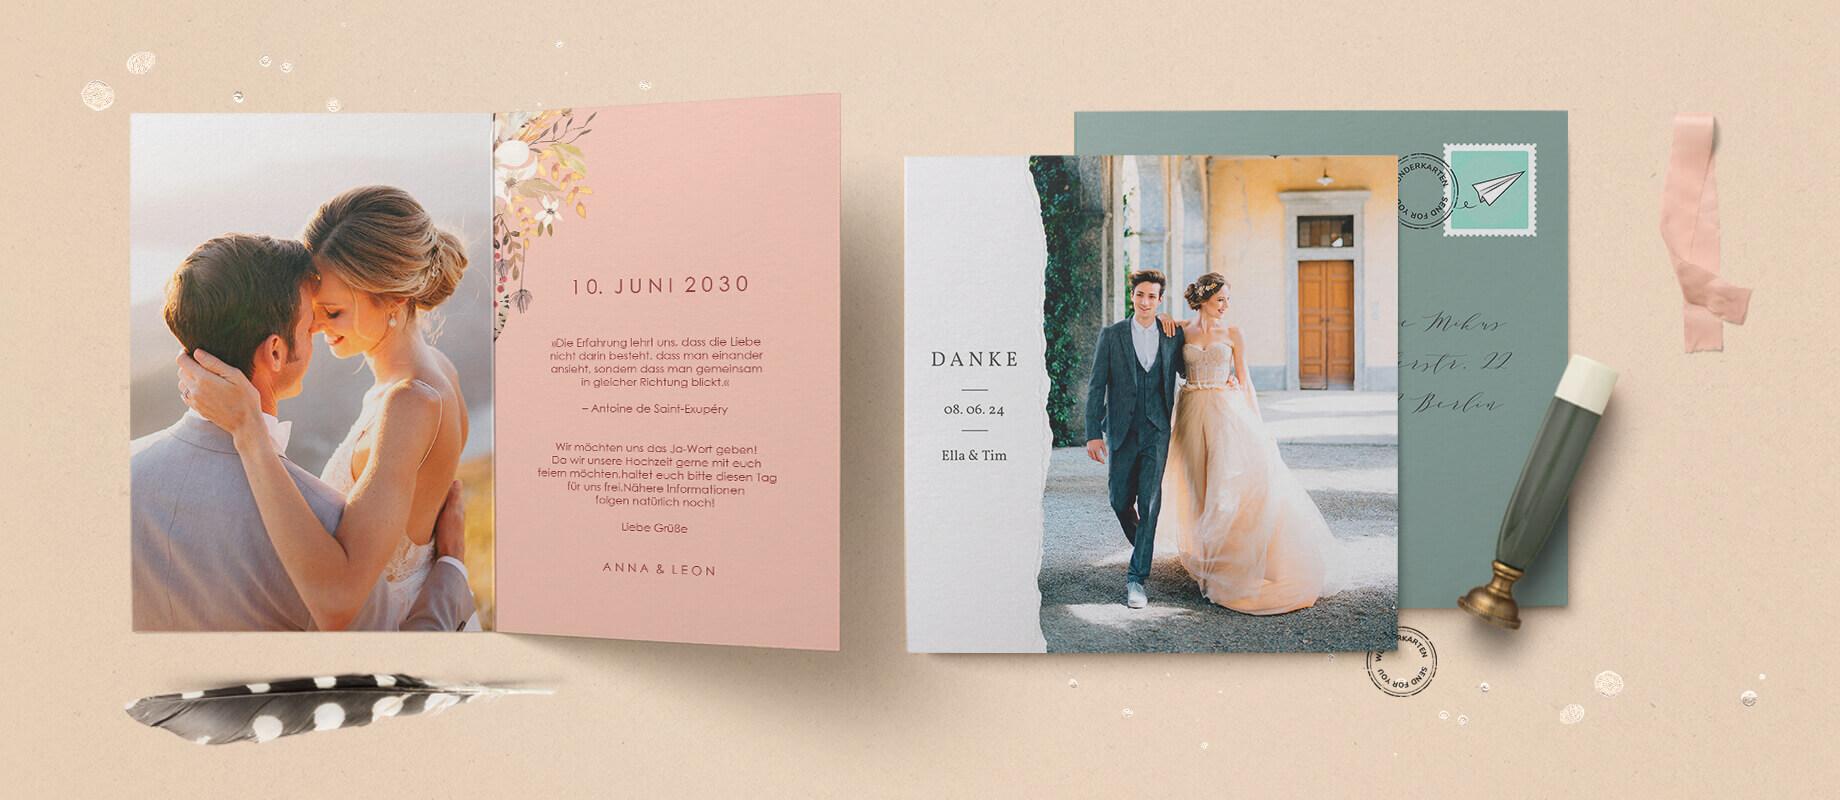 Hochzeitskarten - Wir versenden für Sie